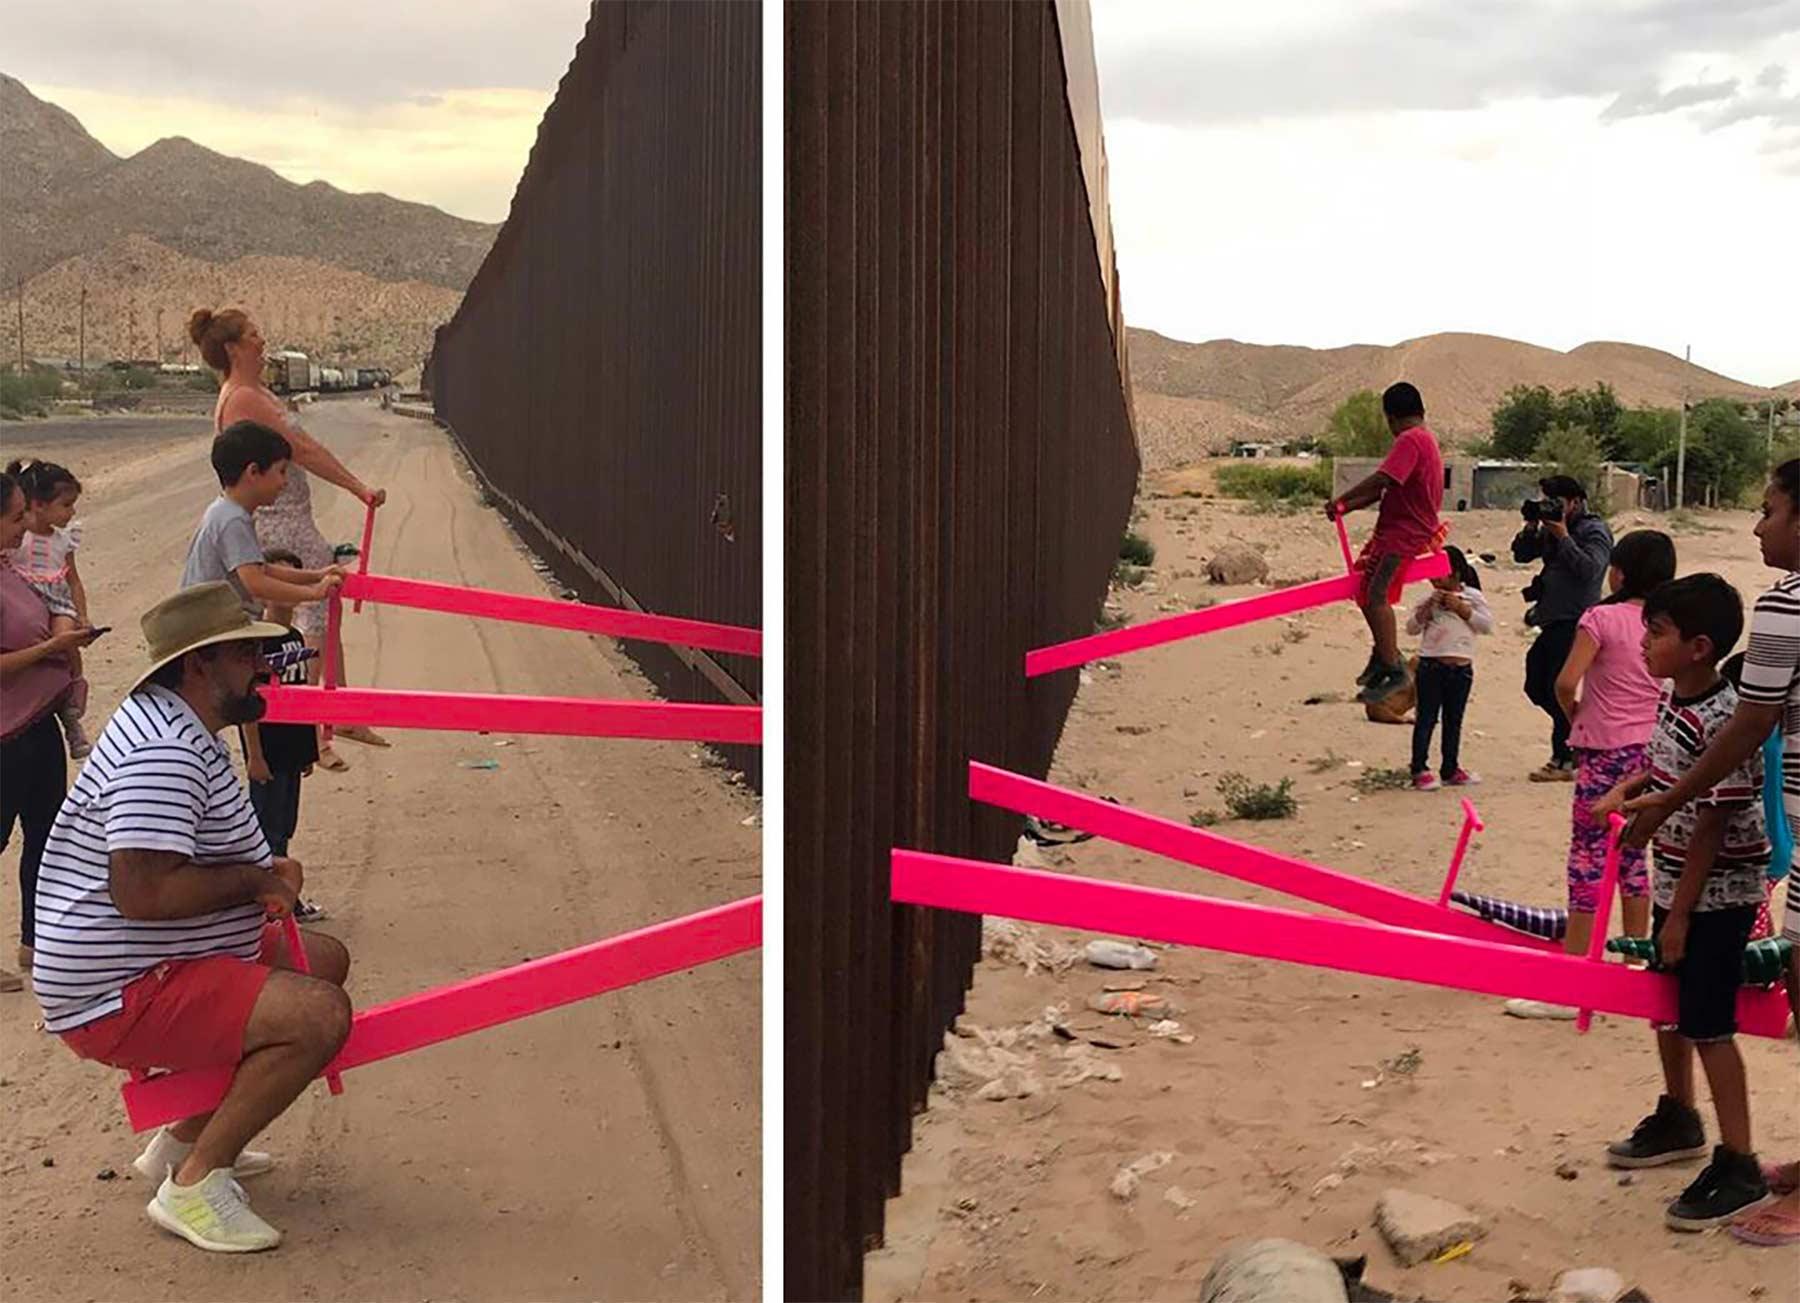 Wippen an der USA-Mexiko-Grenze laden zum gemeinsamen Spielen ein grenzwippe-Ronald-Rael-und-Virginia-San-Fratello